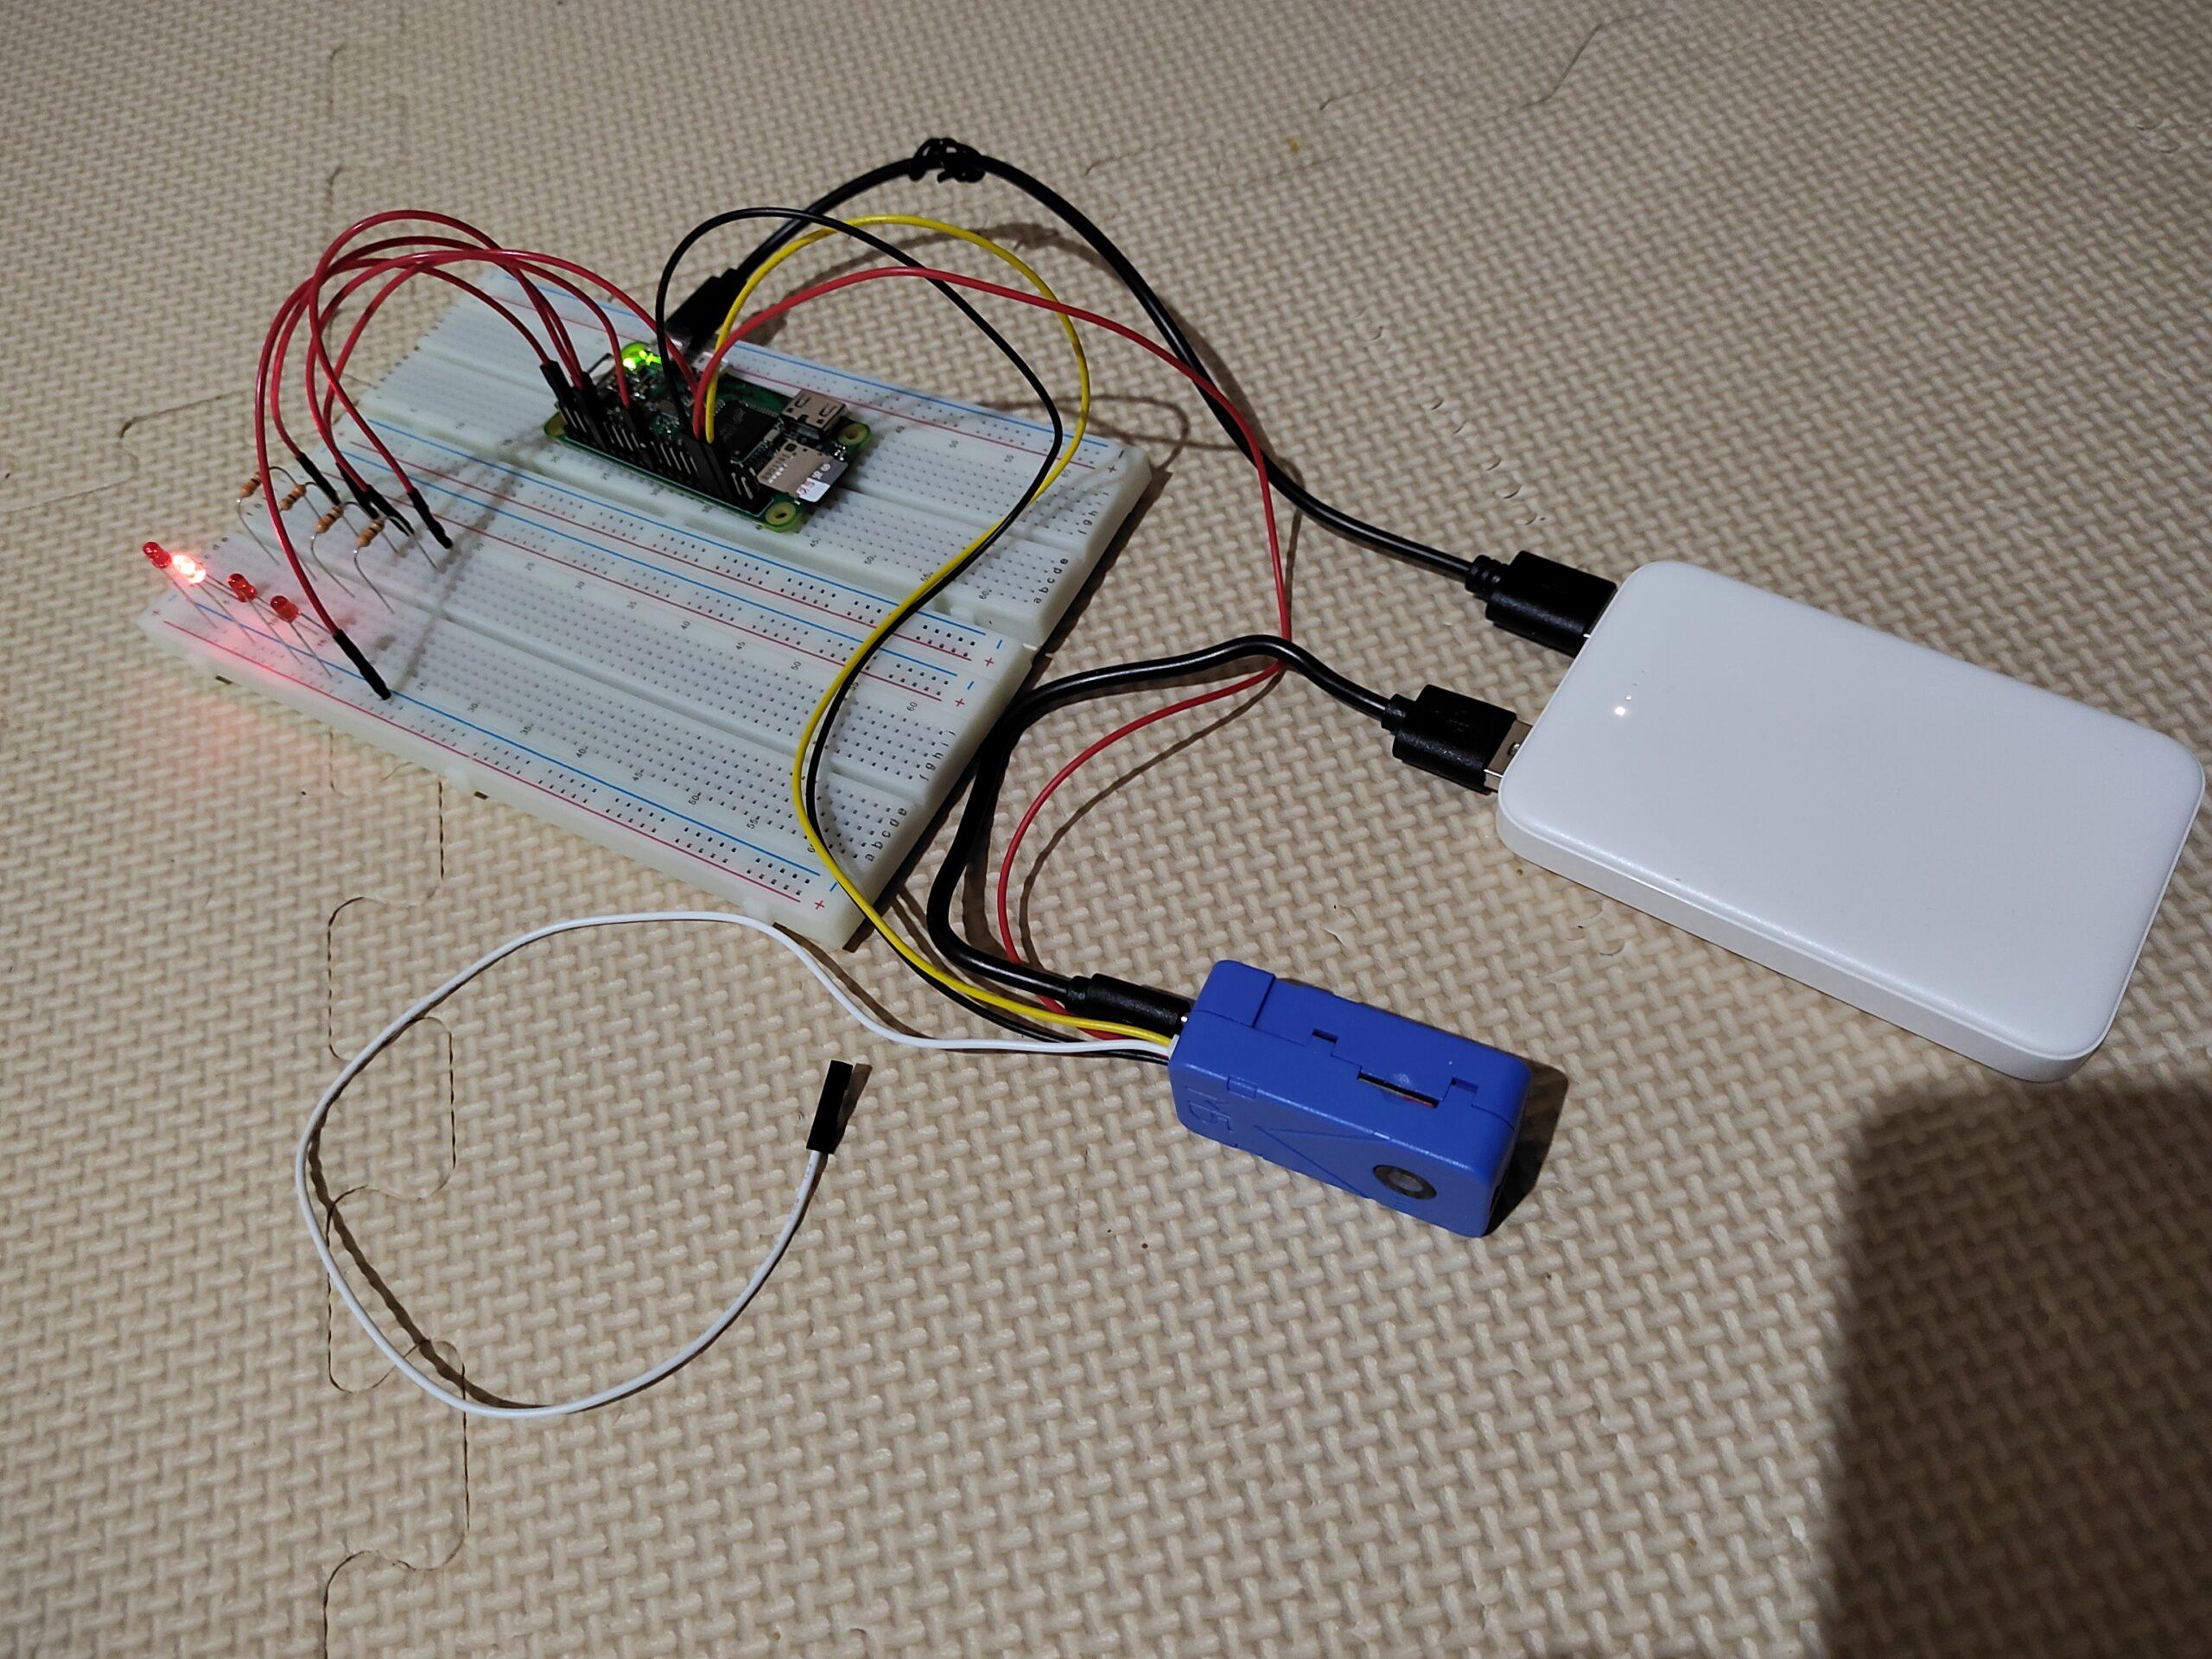 unitv2でサーボモーターを動かしてみる「unitv2のuart通信でラズパイのi2cを制御」